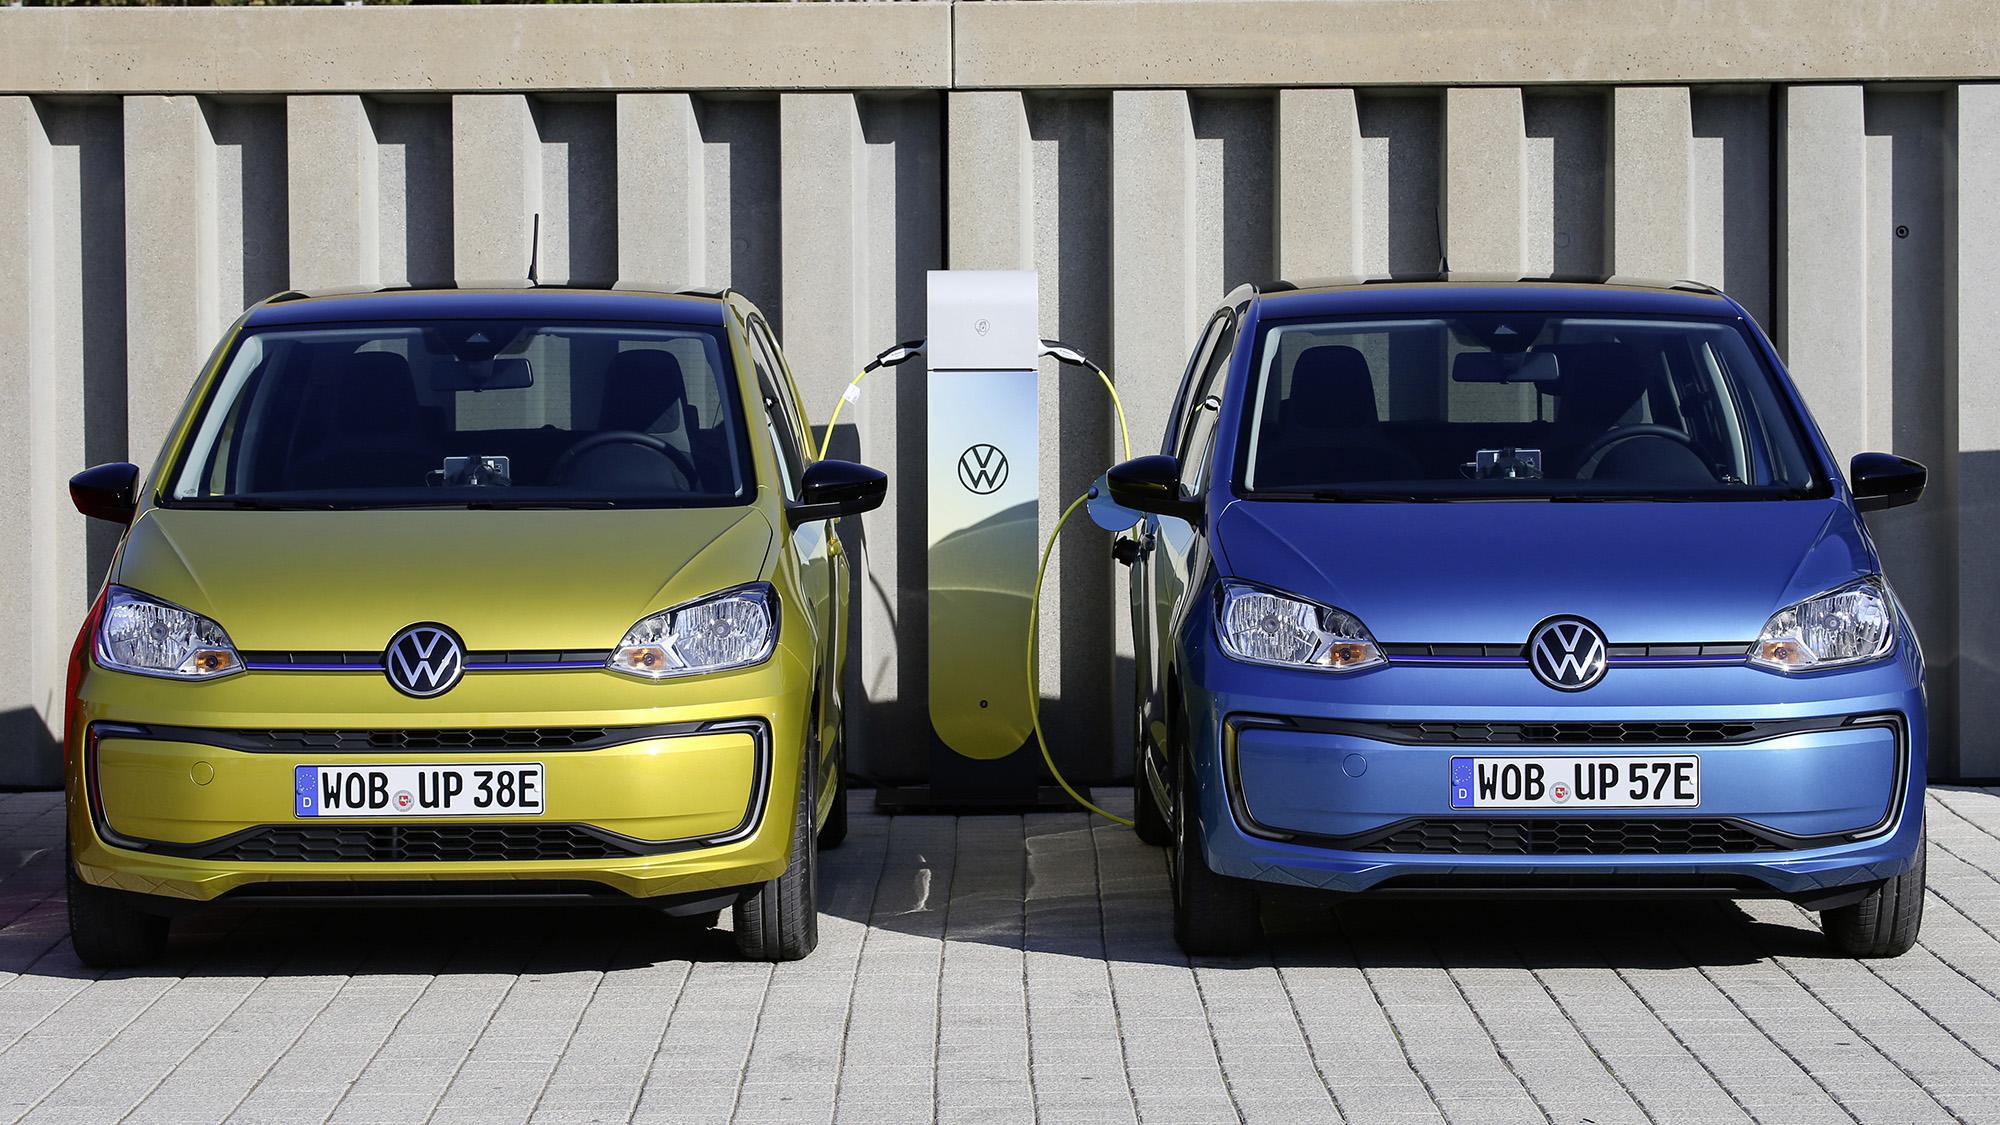 Dois VW e-Up!, um azul e outro amarelo carregando vistos de frente